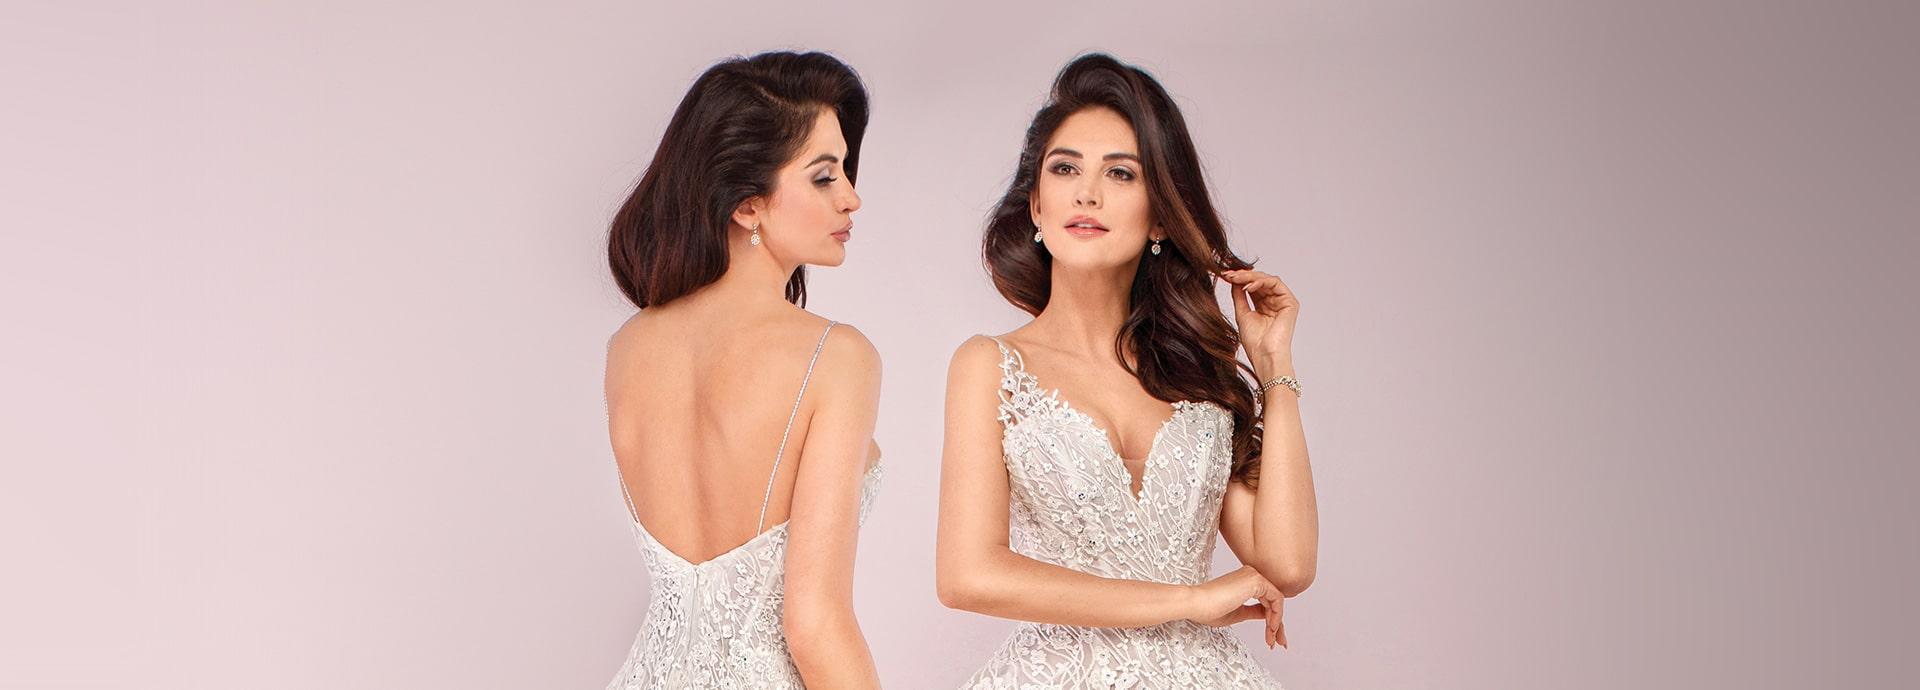 Koronkowy top sukni ślubnej i odkryte plecy z cieniutkimi ramiączkami